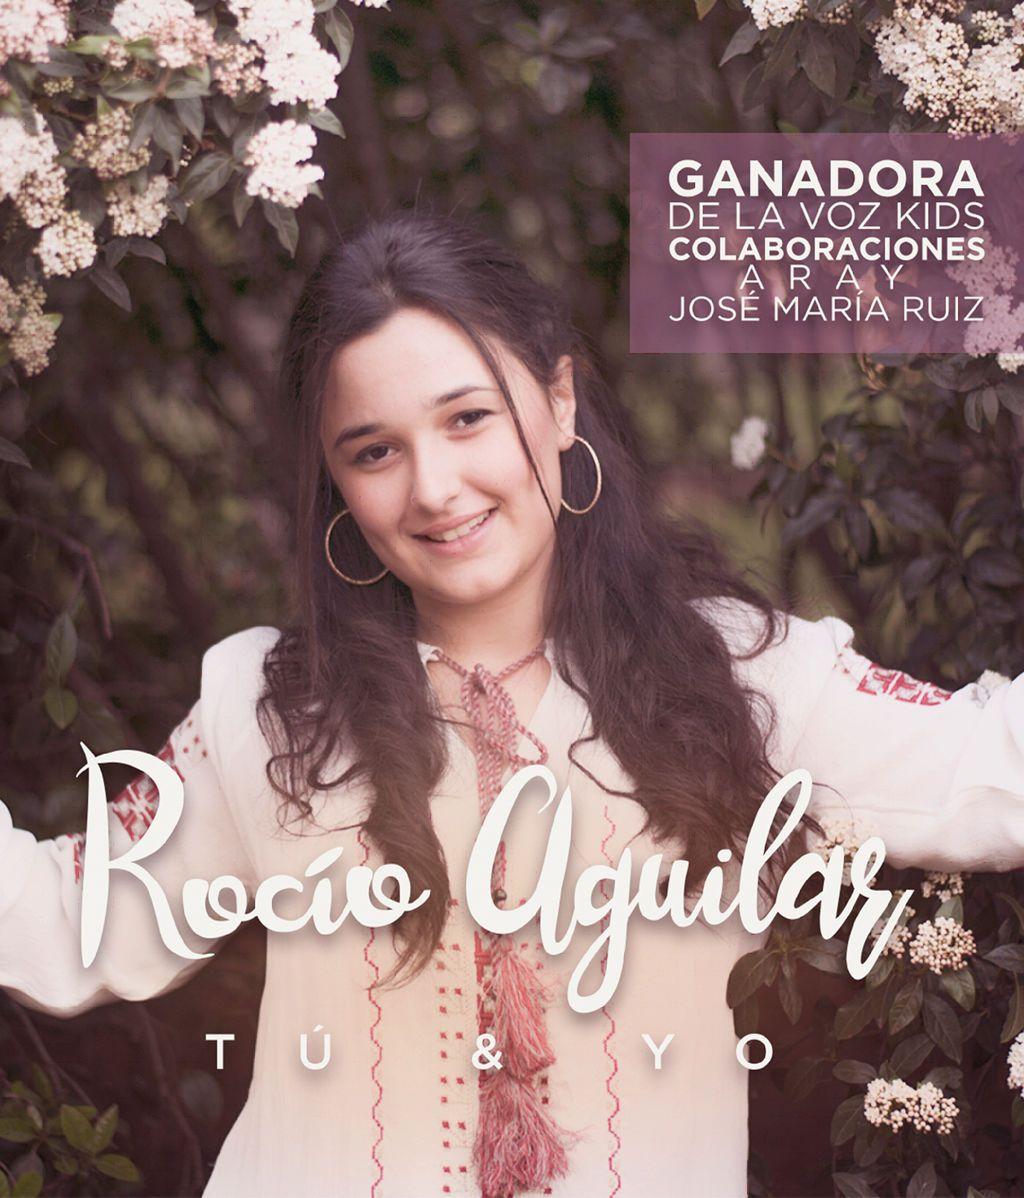 ROCIO AGUILAR GANADORA DE LA VOZ KIDS III